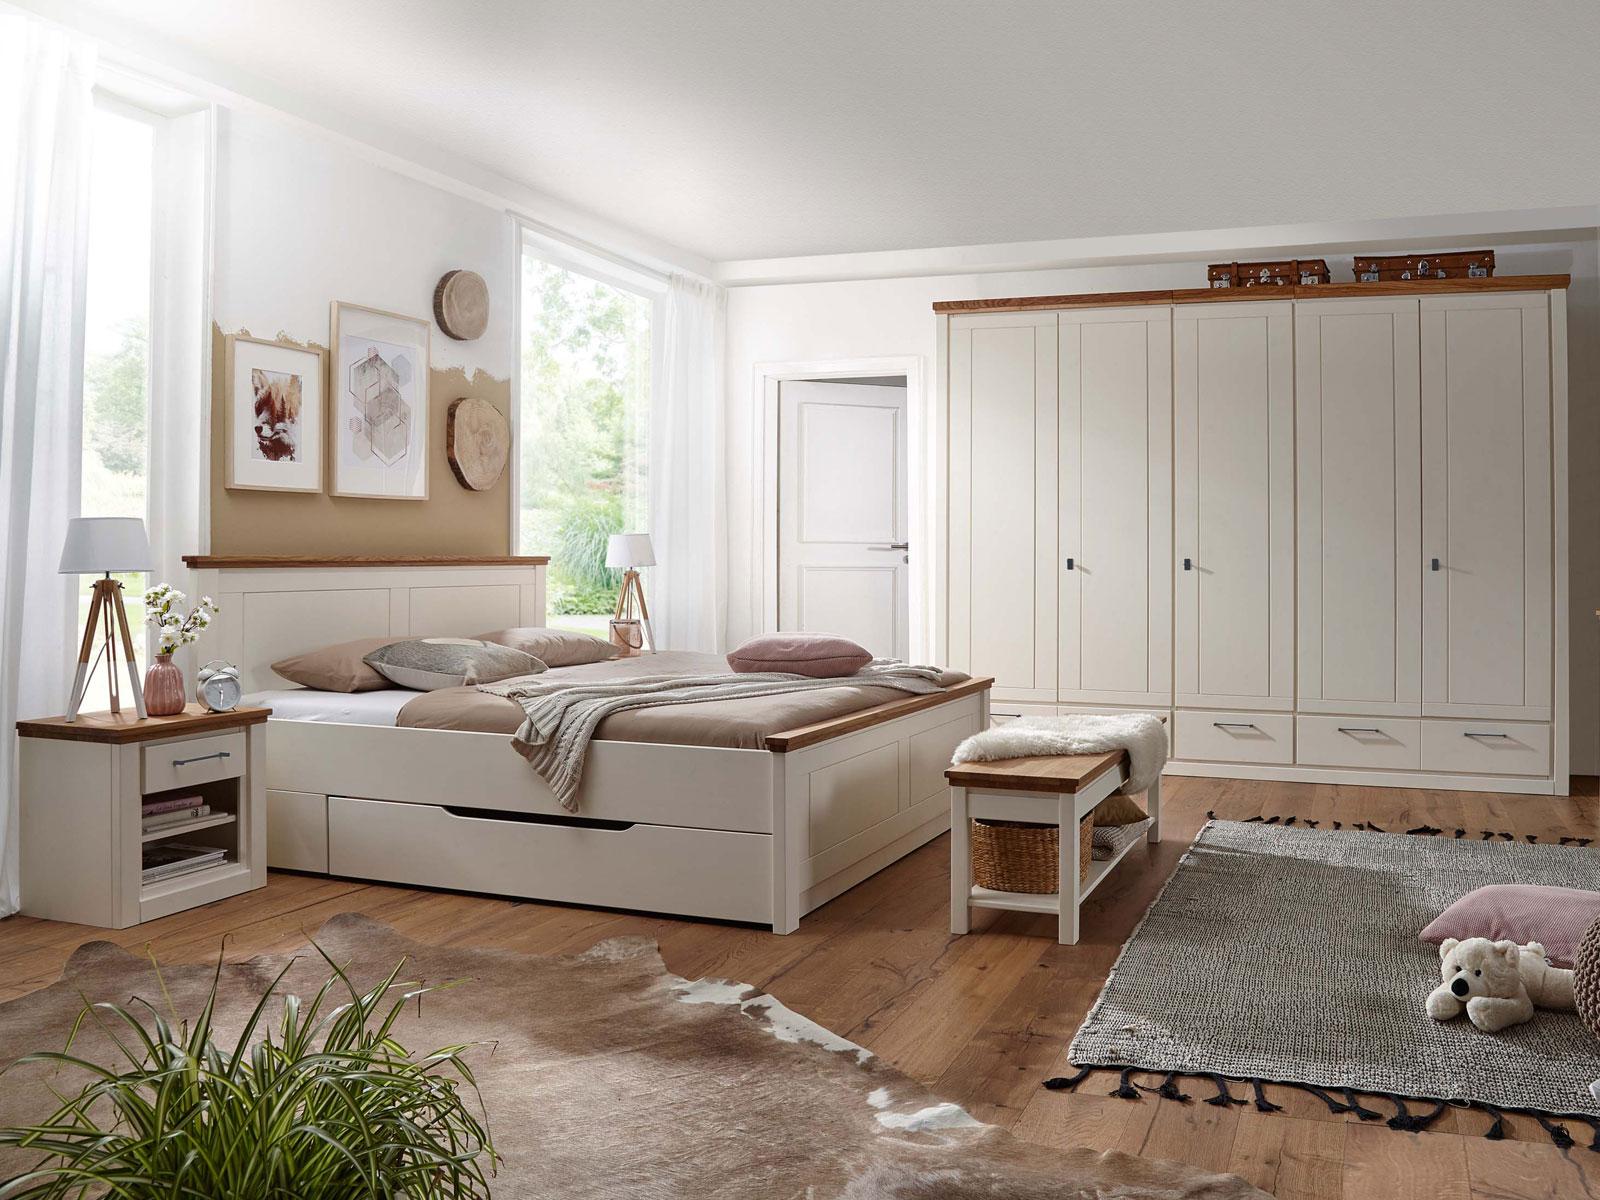 Schlafzimmer komplett Provence Bett Kleiderschrank Nachtschrank Pinie  Nordica creme und Eiche massiv